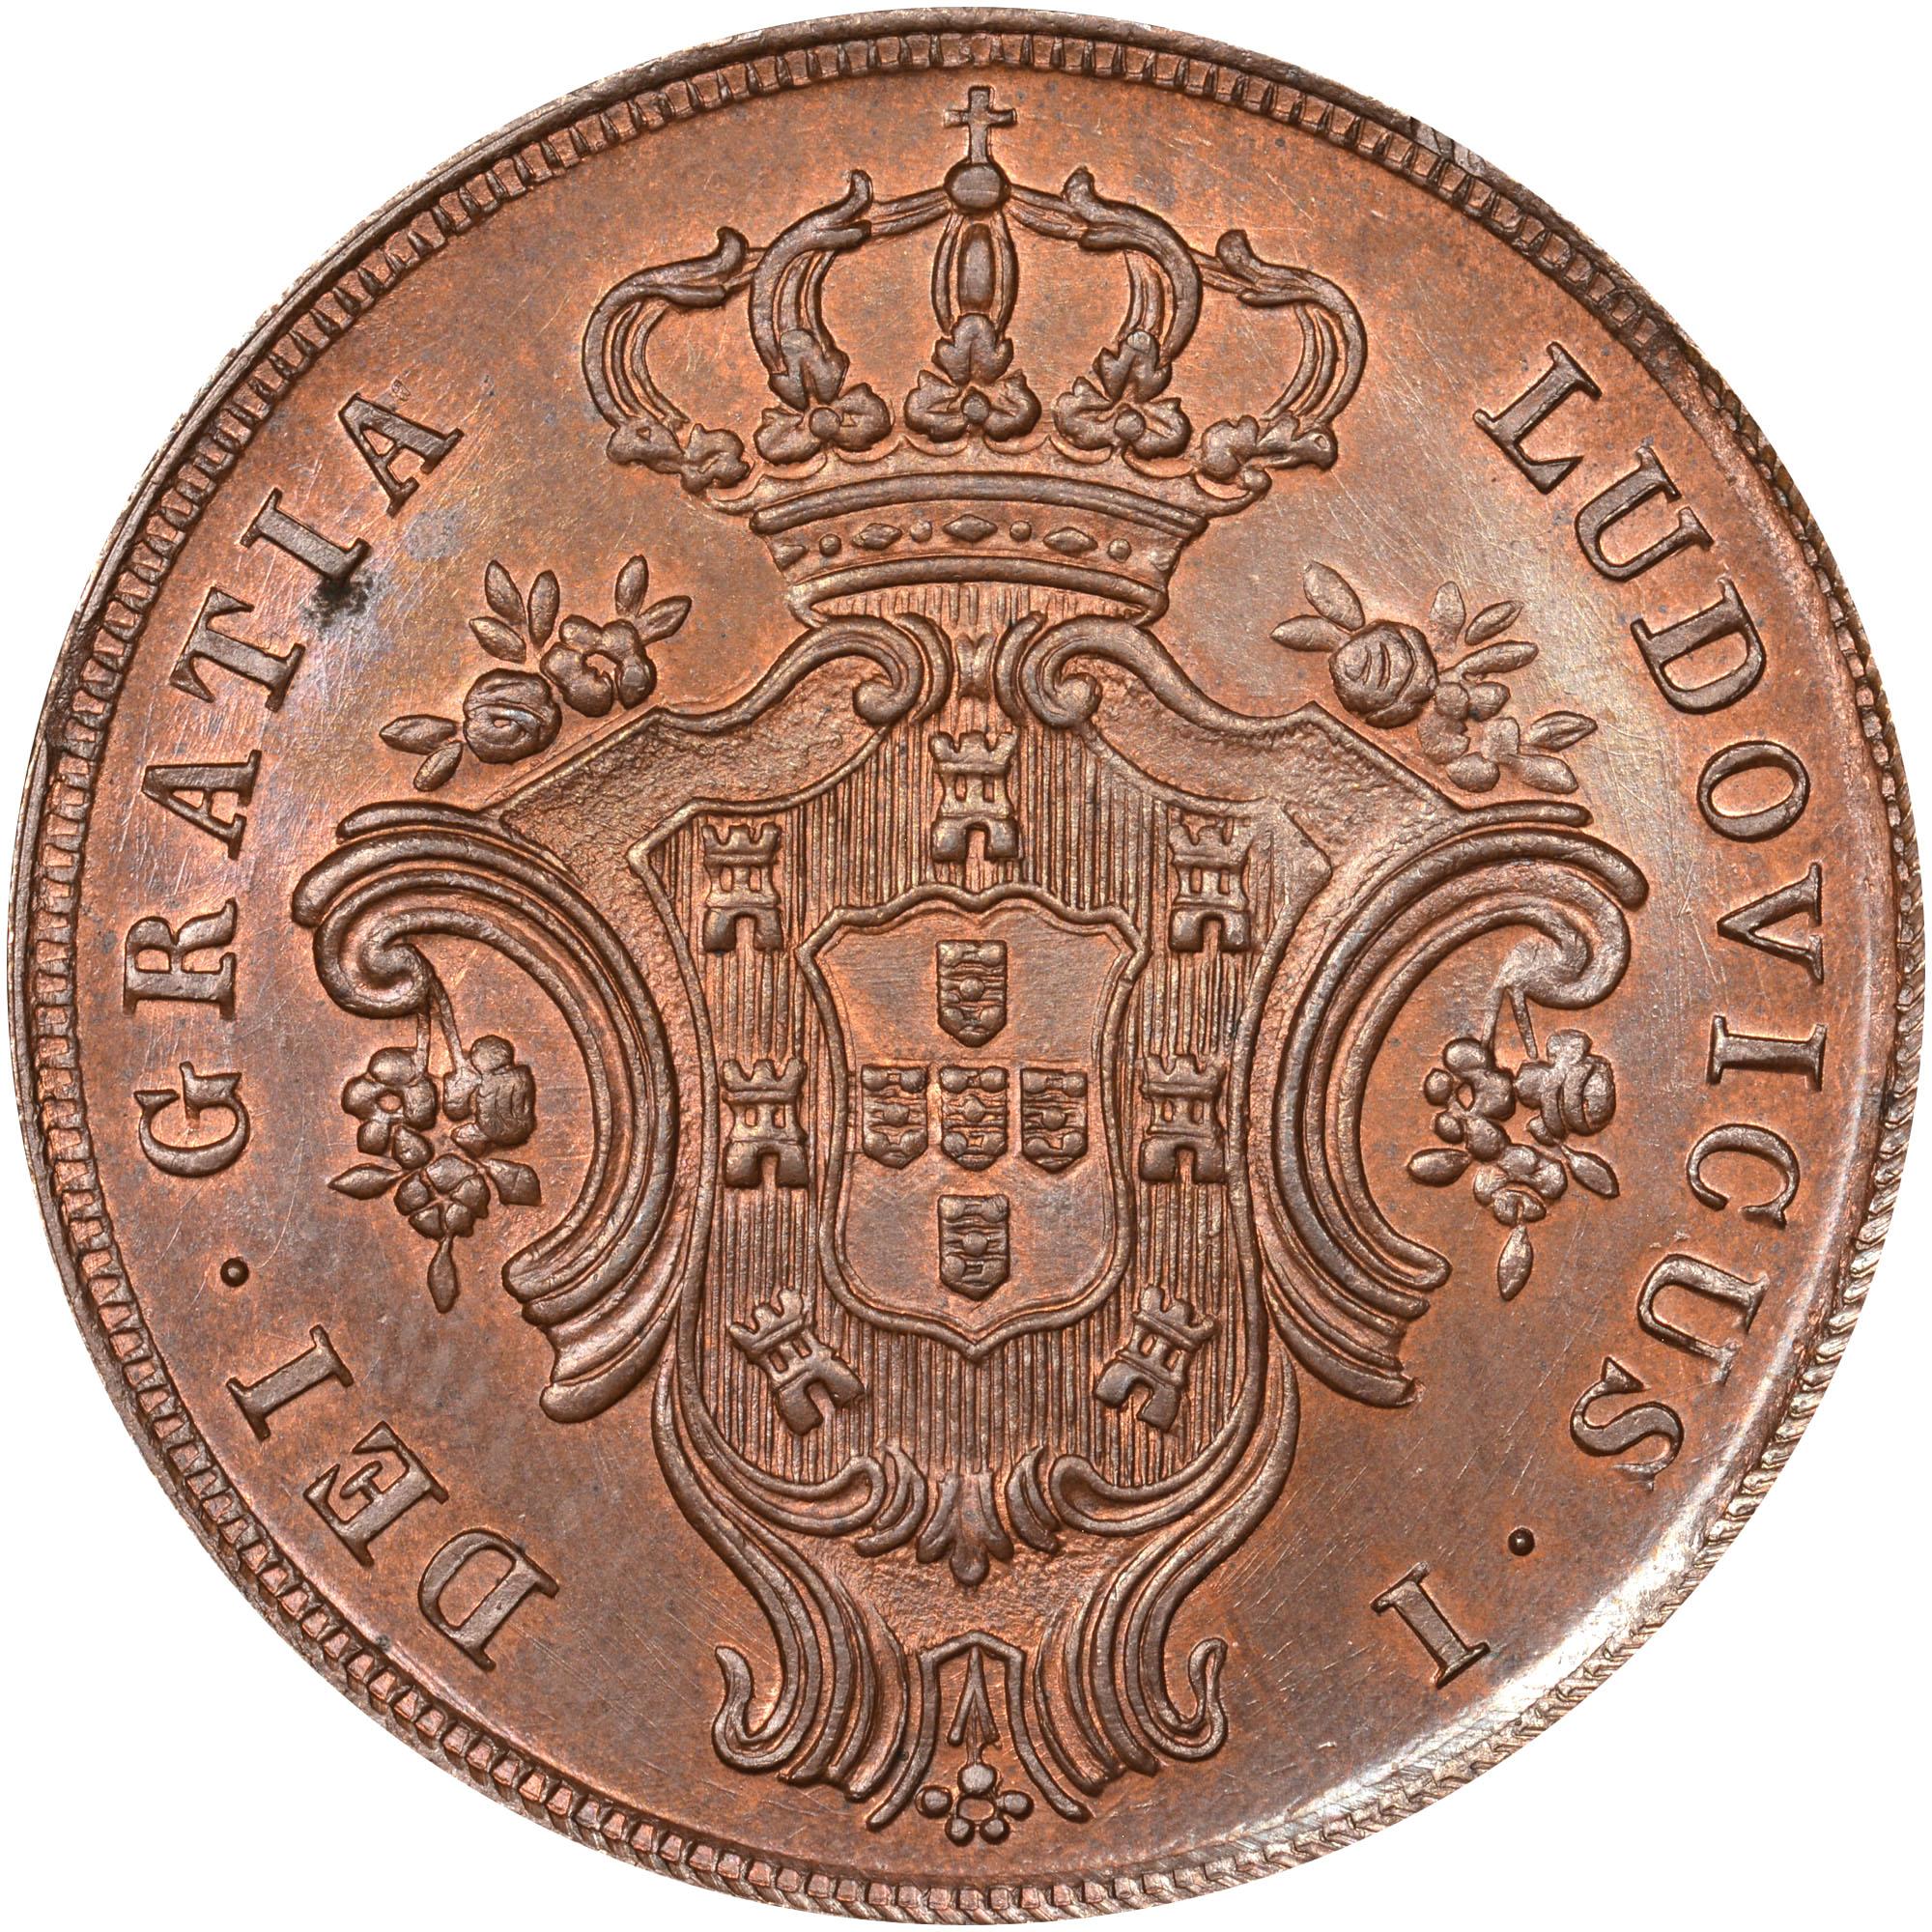 1865-1866 Azores 10 Reis obverse